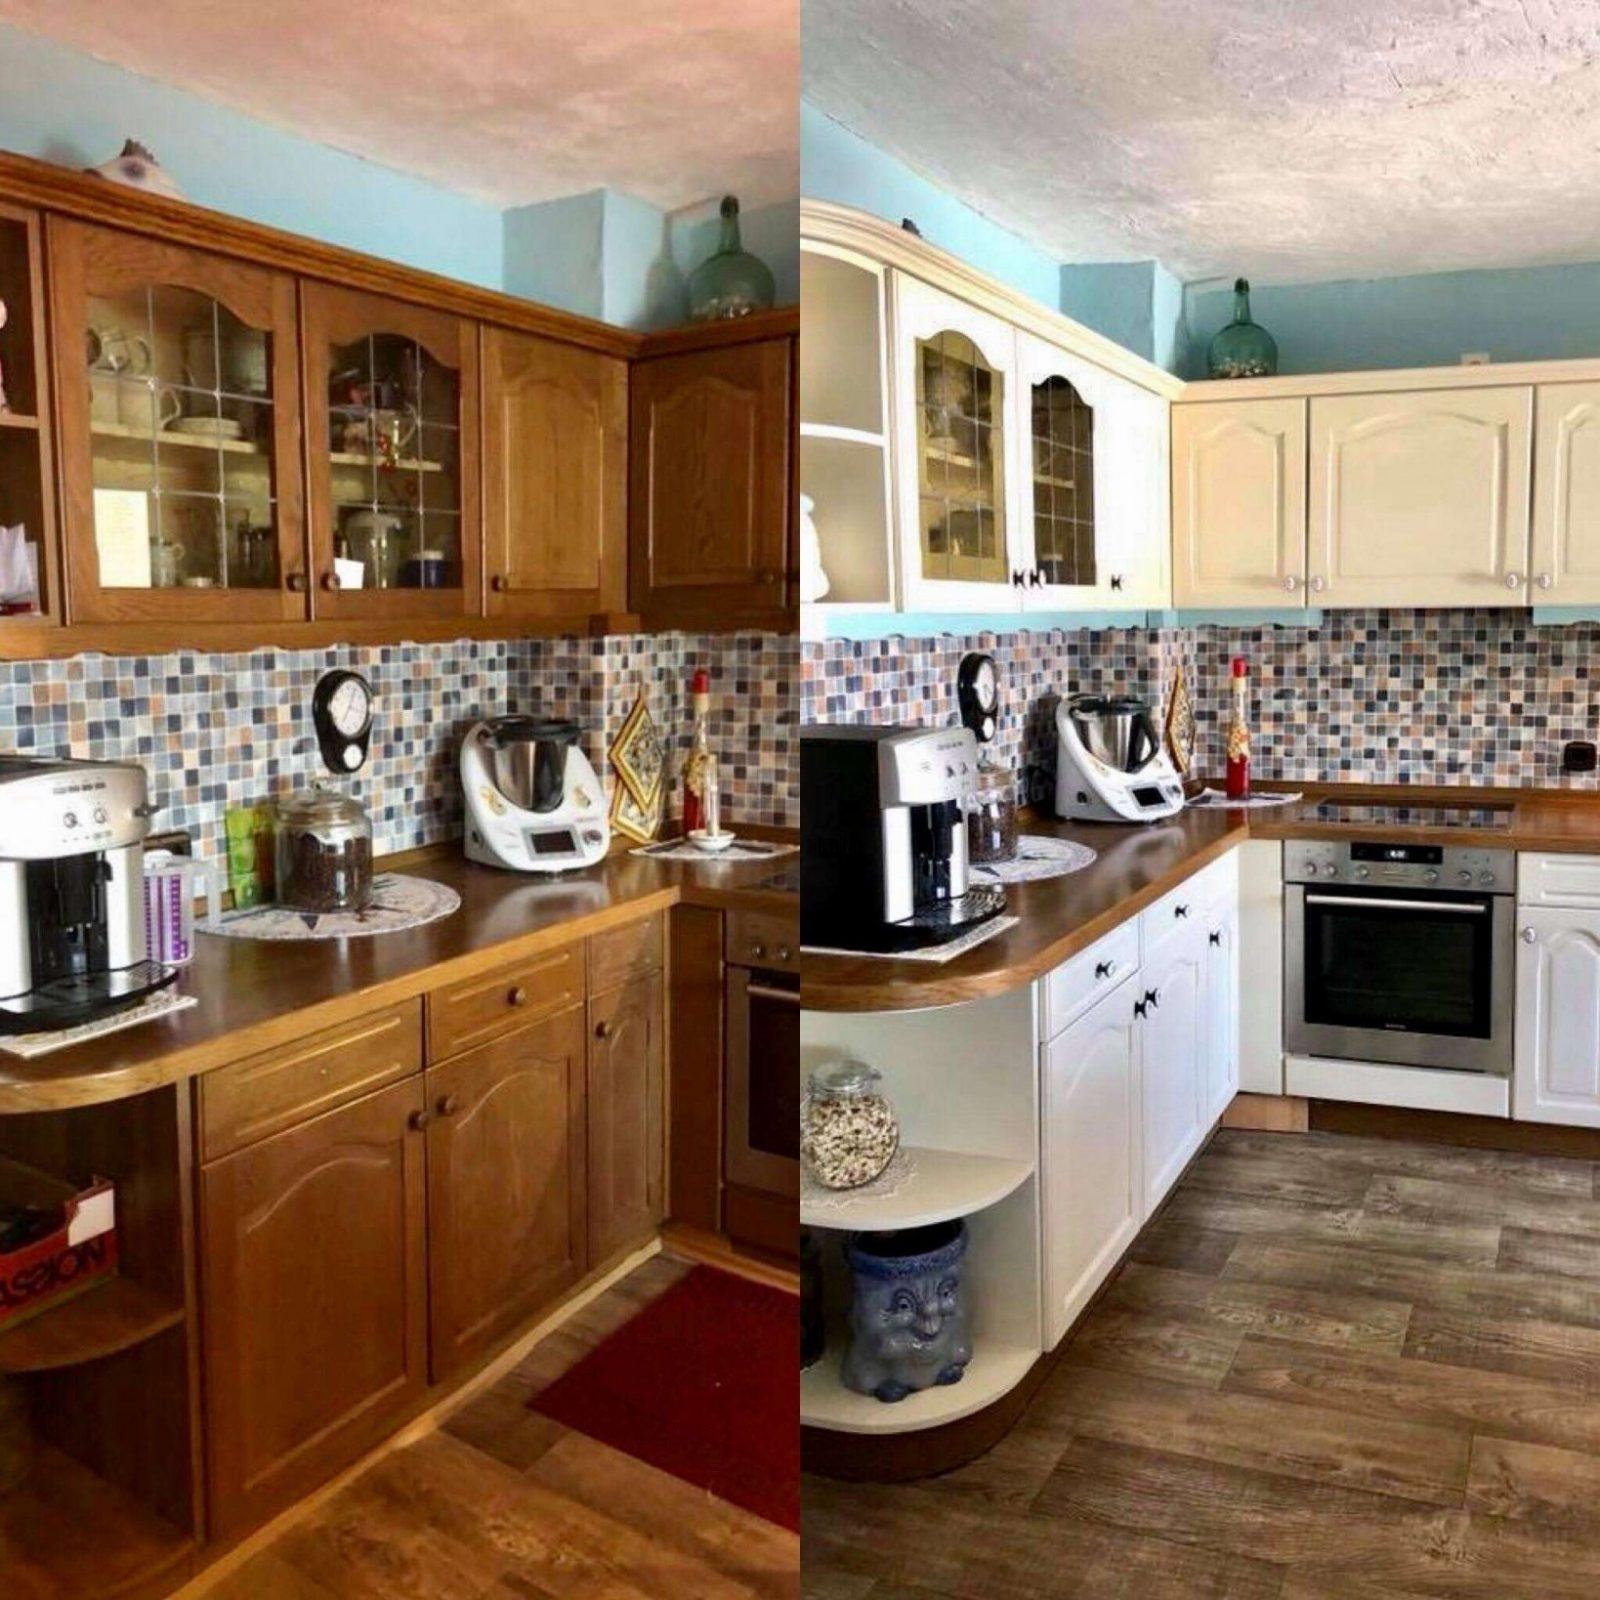 Anleitung Zum Küche Streichen Mit Kreidefarbe Von von Küchenmöbel Streichen Vorher Nachher Bild